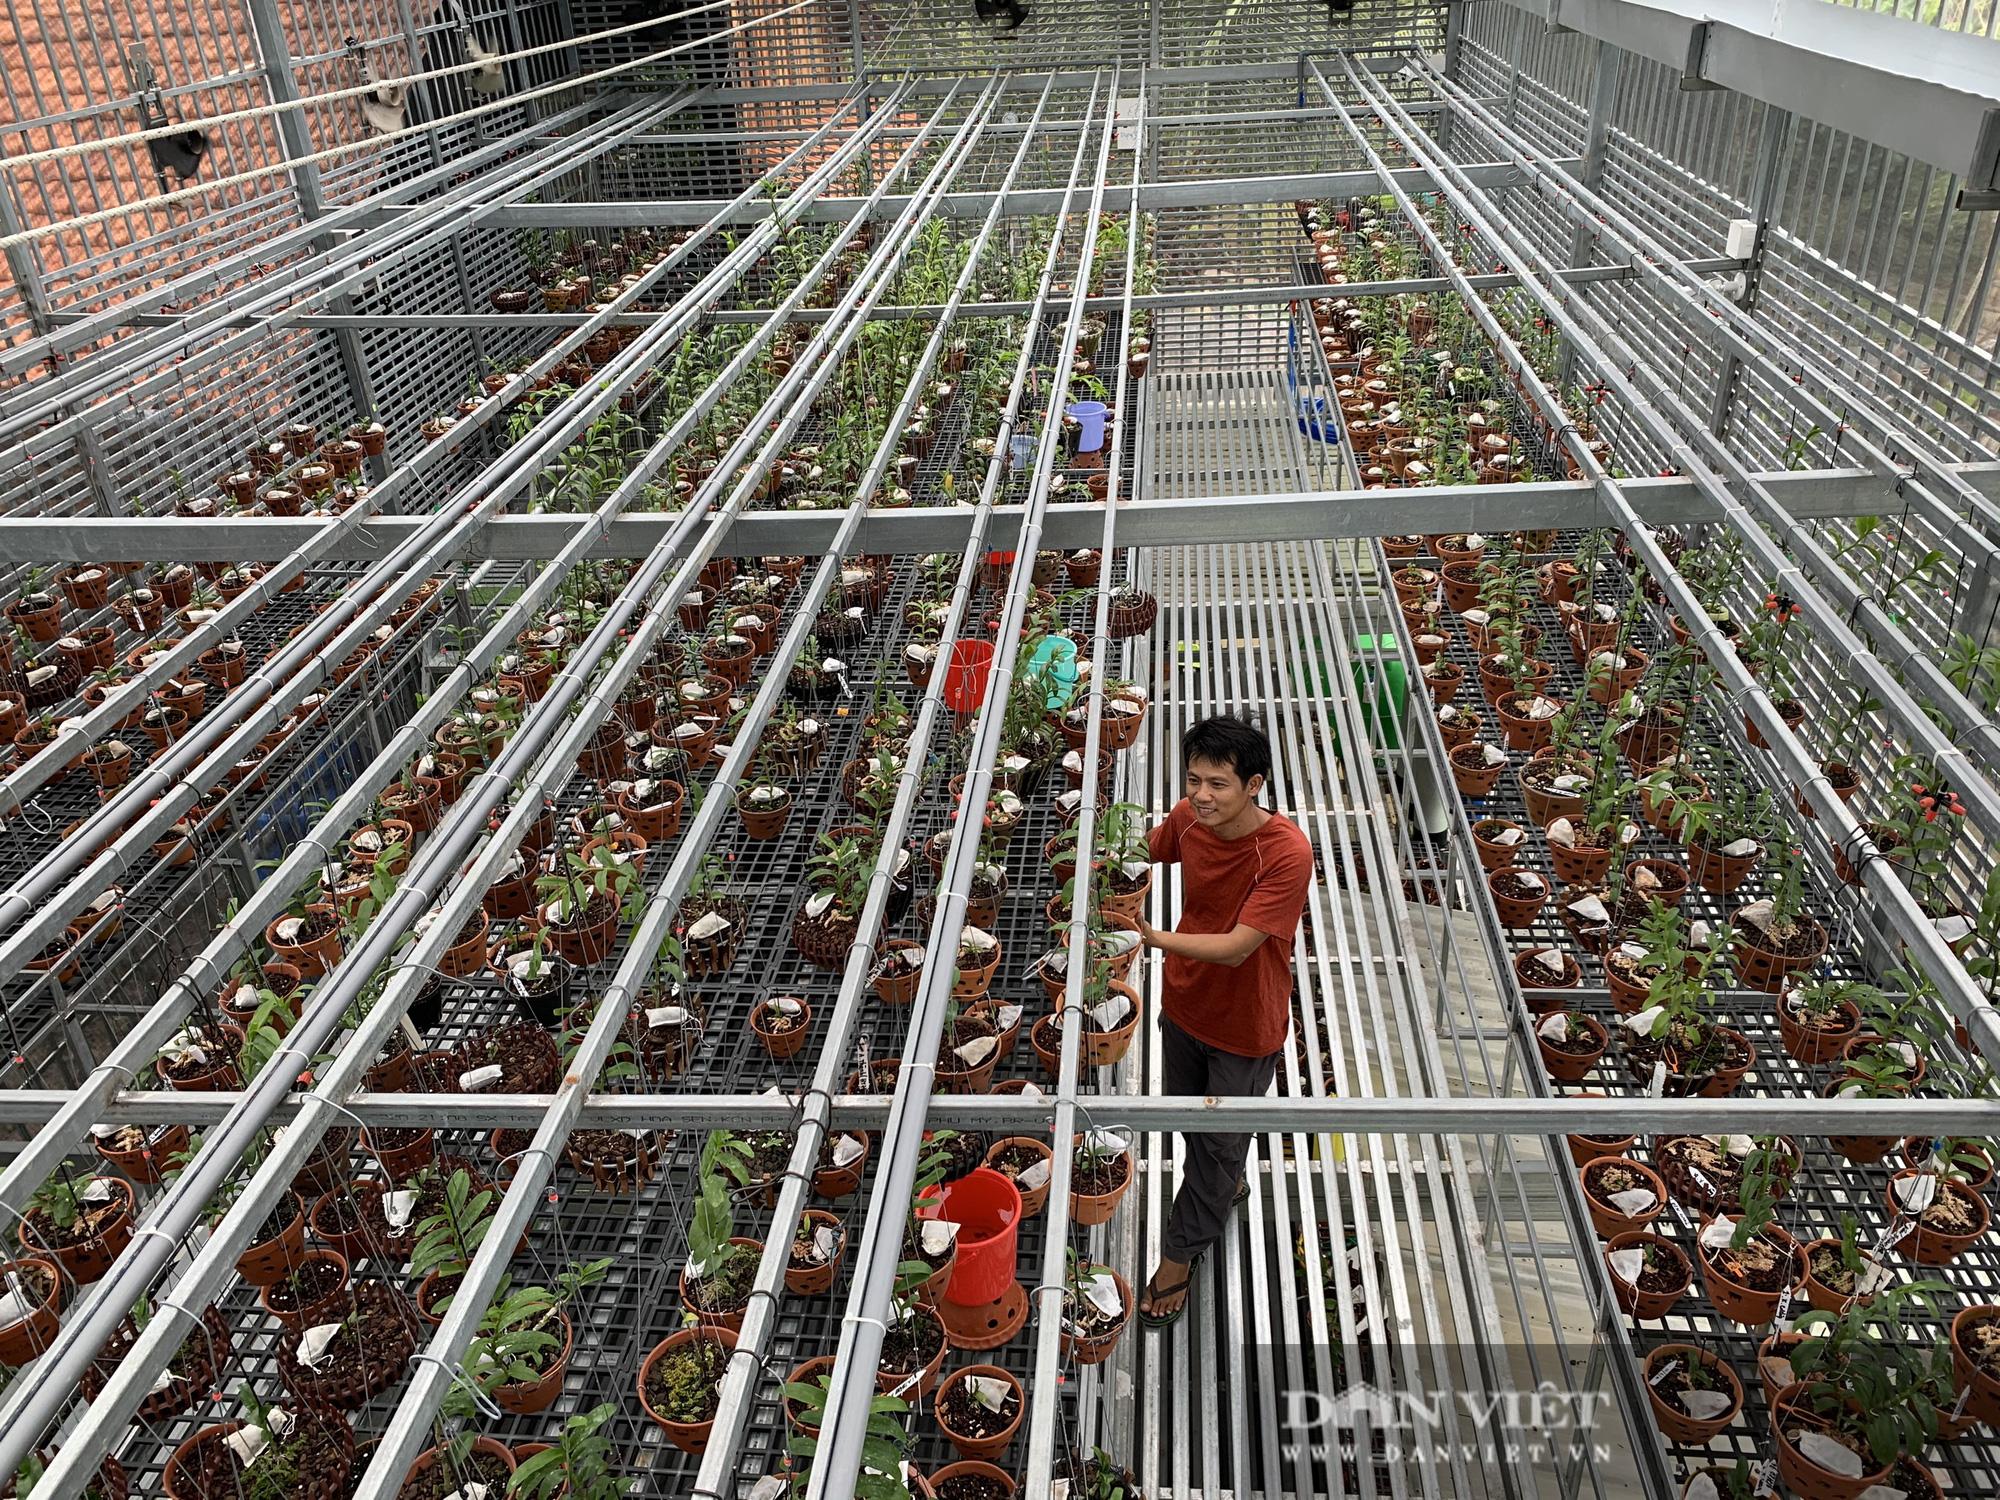 Có gì bên trong khu vườn trồng toàn lan đột biến, trị giá hơn 60 tỷ ở Cần Thơ? - Ảnh 1.